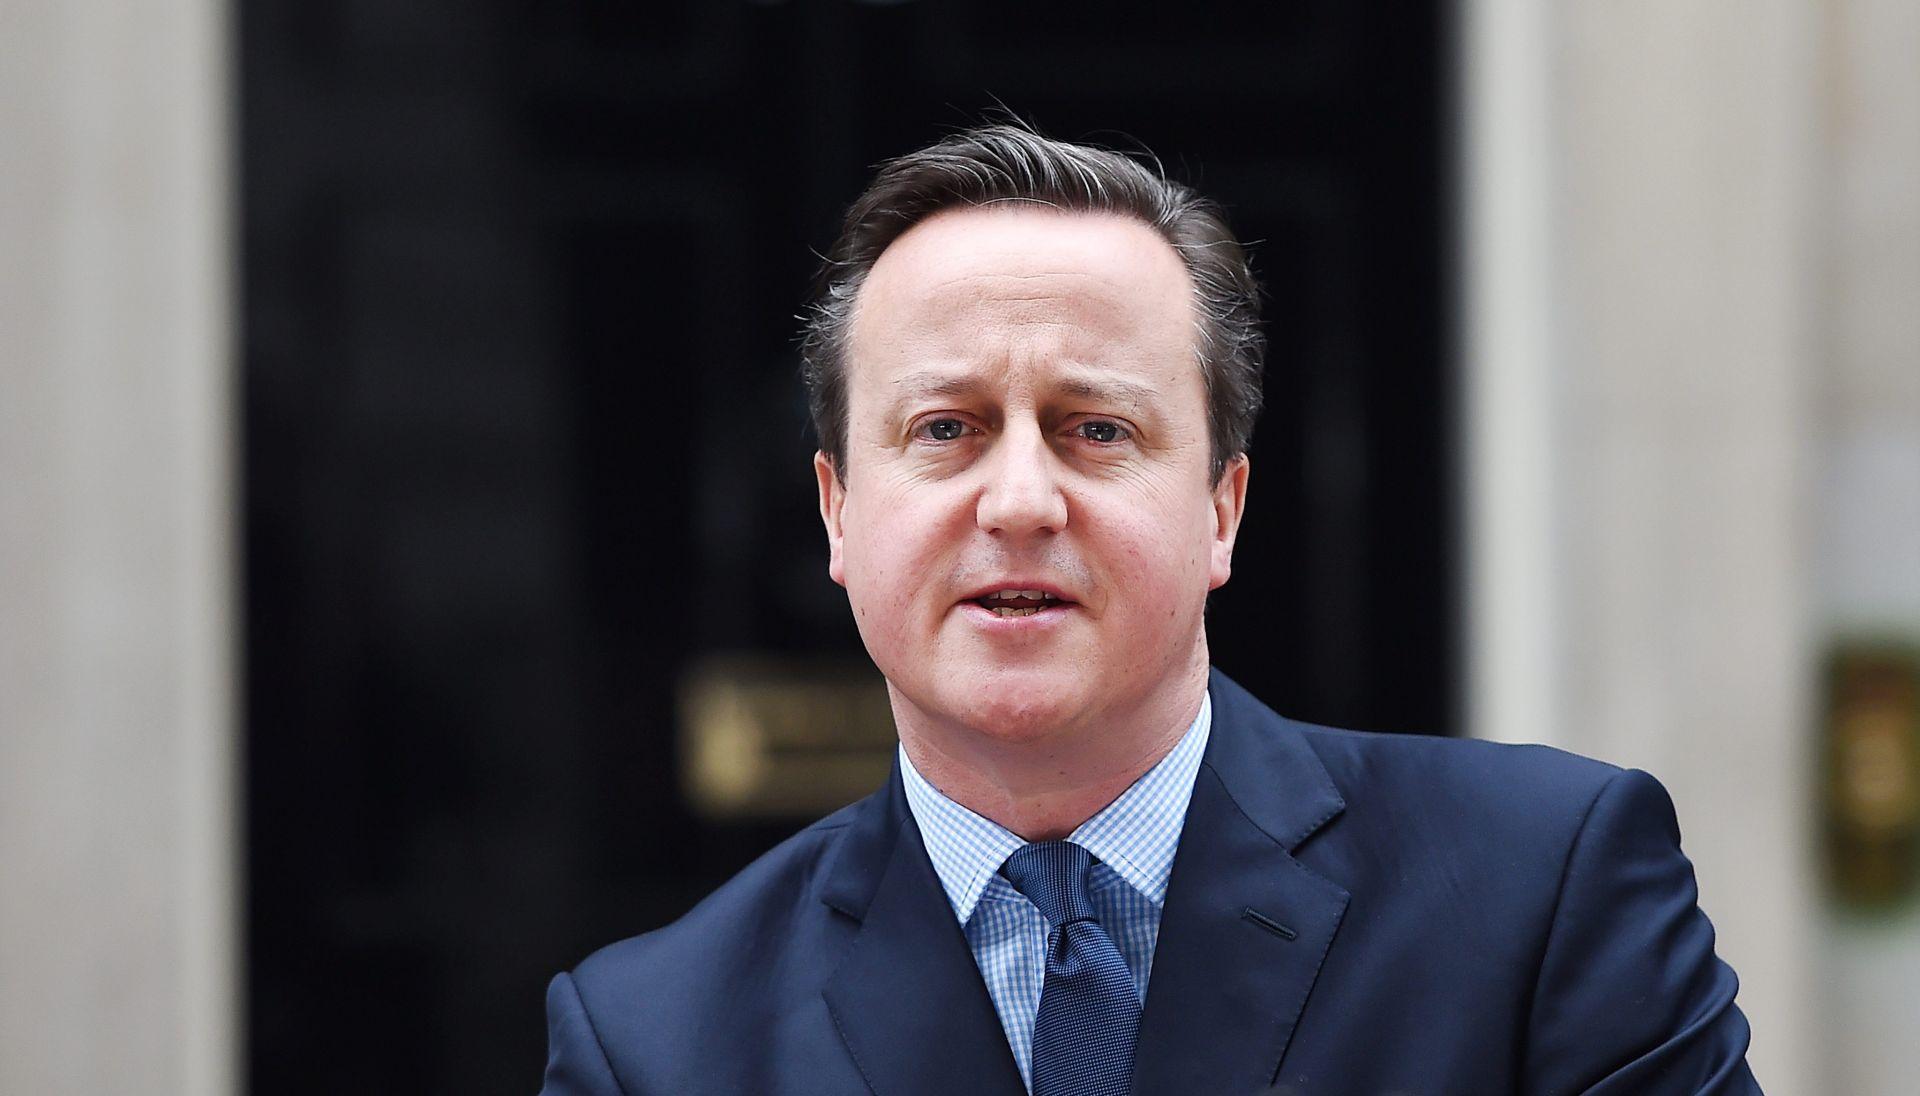 NAPUŠTA PARLAMENT: Cameron završava političku karijeru